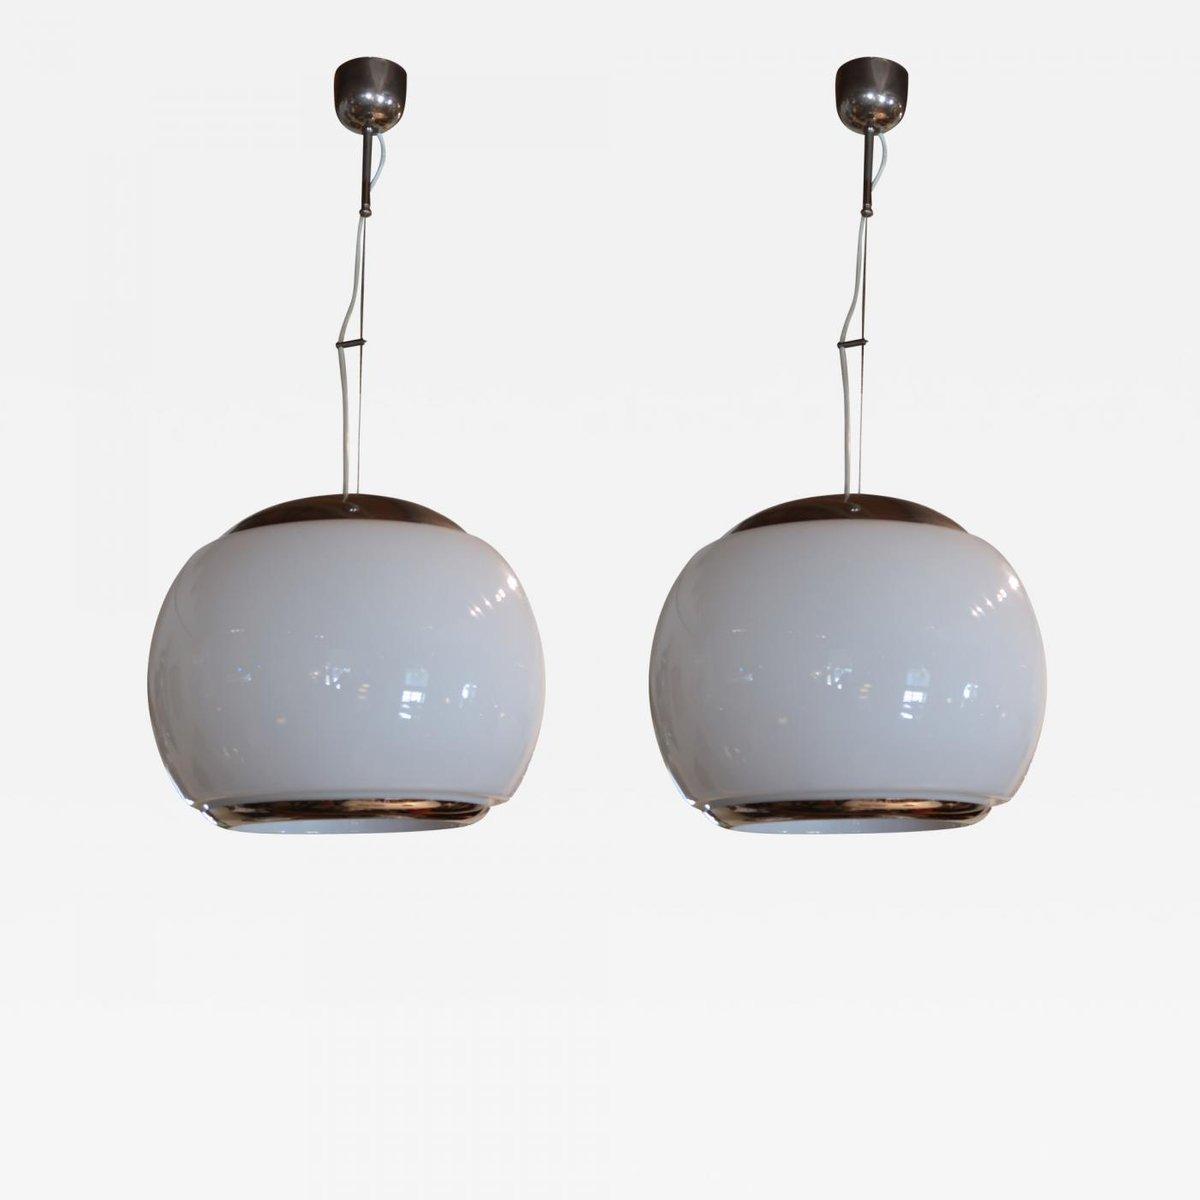 Italienische Vintage Deckenlampen aus Chrom & Opalglas, 2er Set